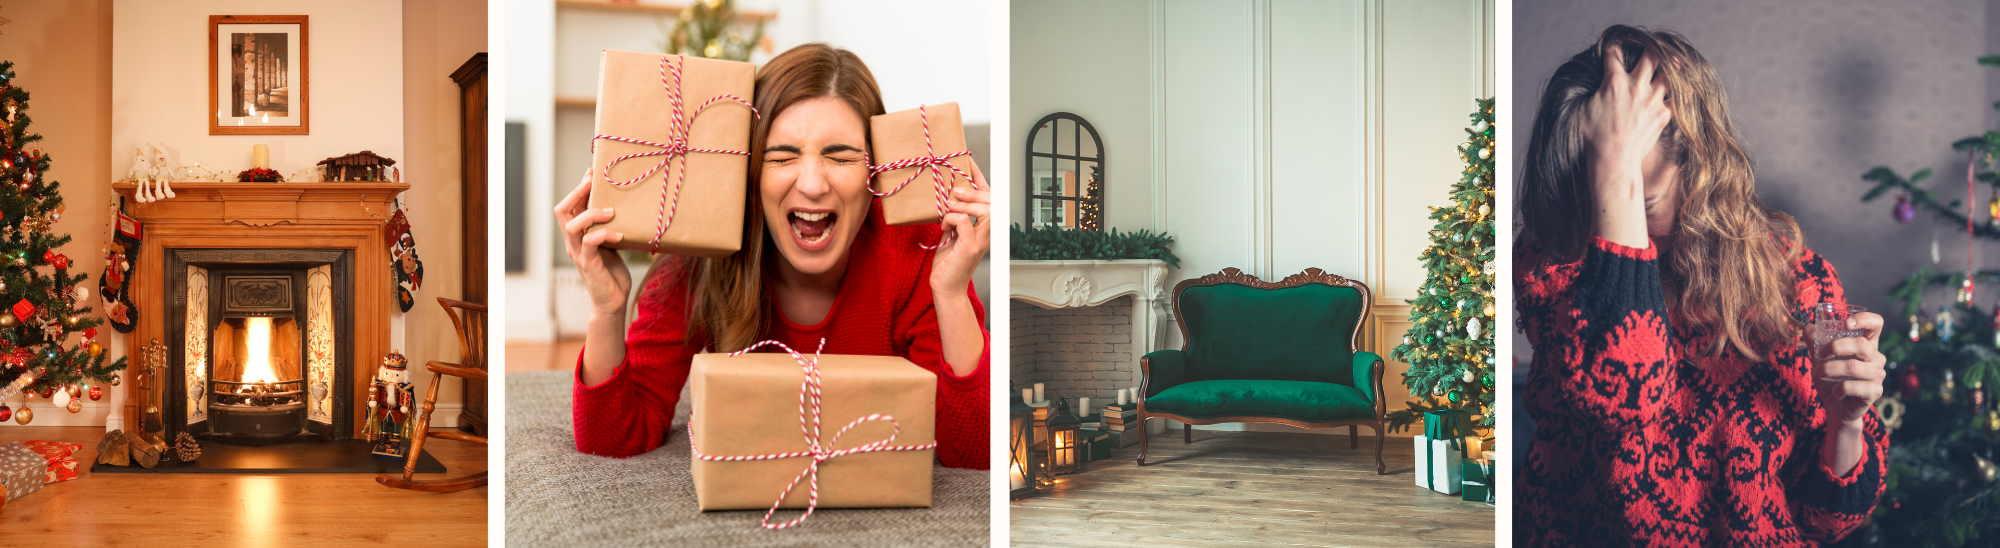 Weihnachten Stress durch Perfektion